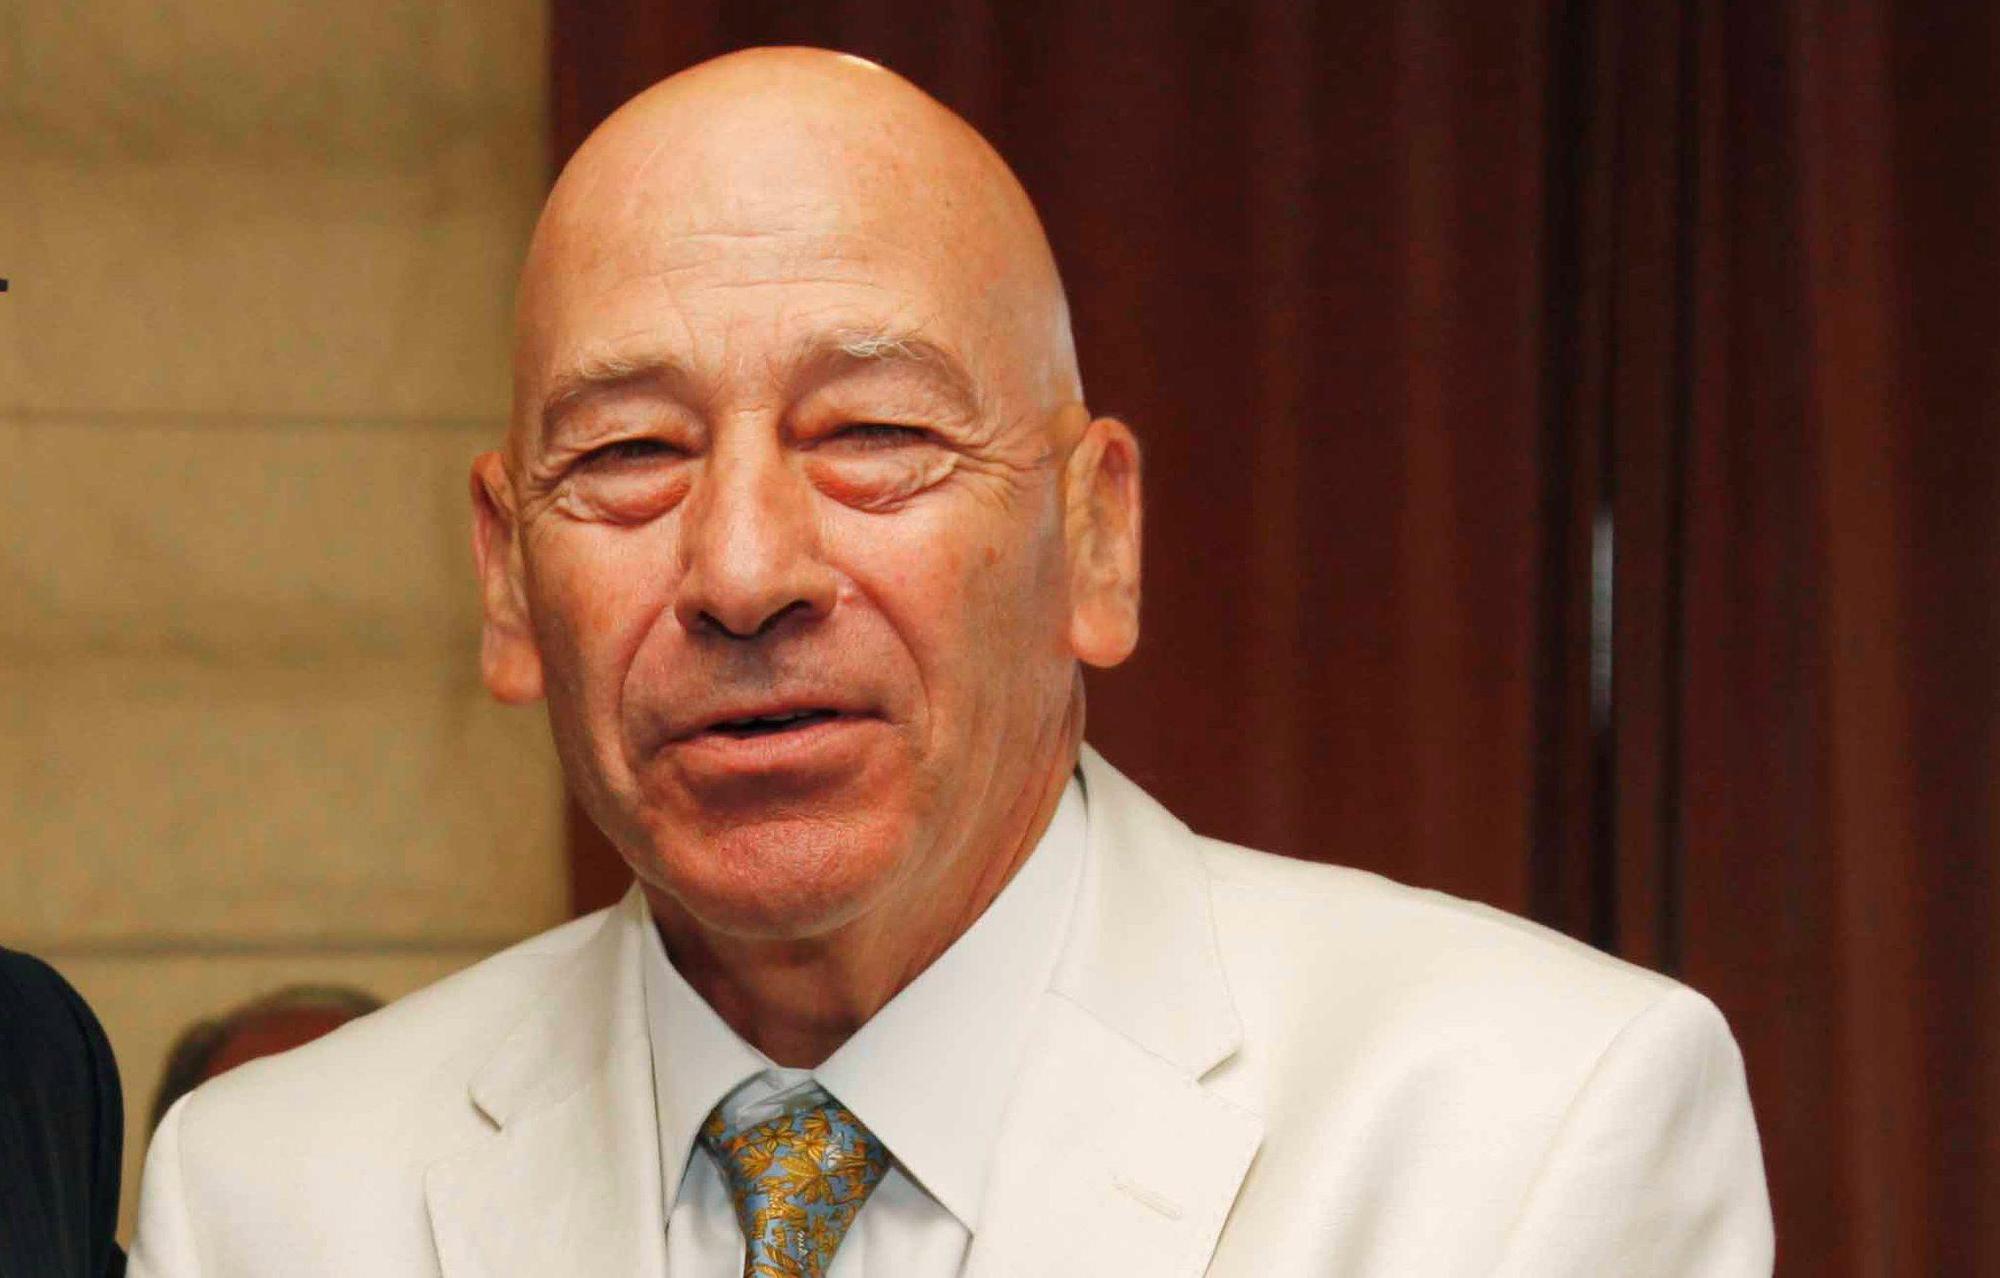 Γιώργος Προκοπίου, ετών 66, επικεφαλής Dynacom.